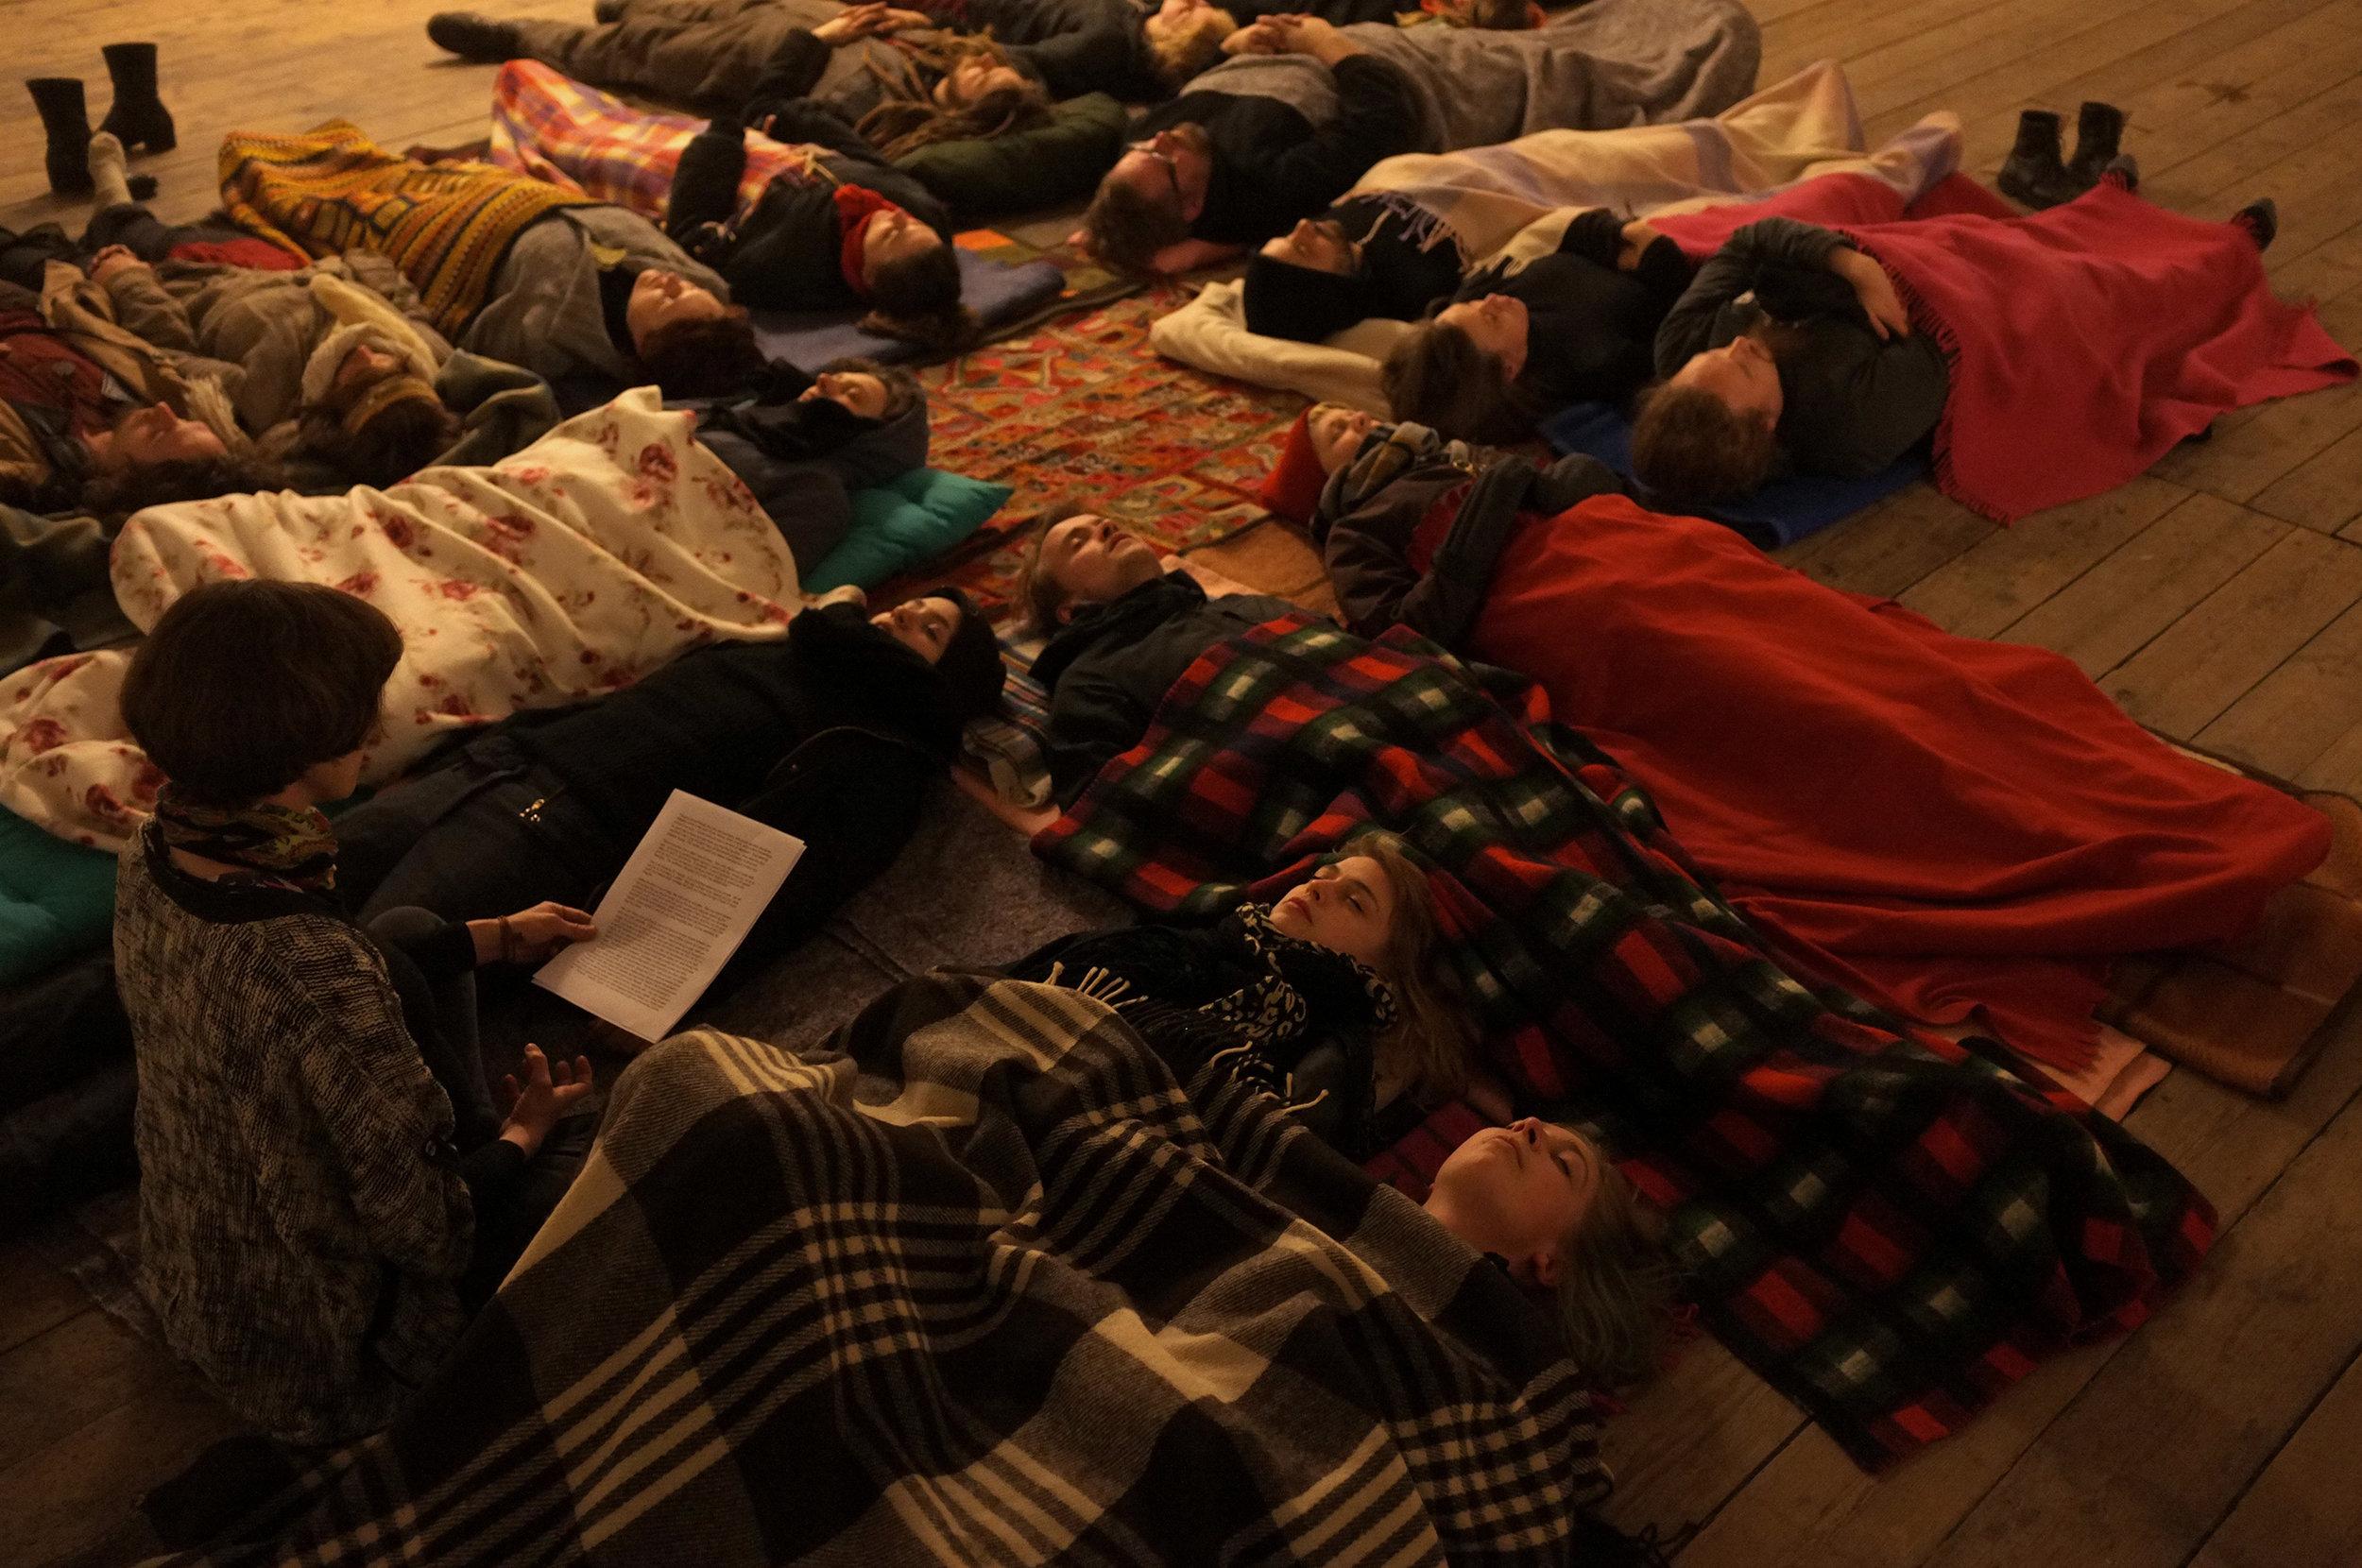 Frisk Flugt - Growing Silent. J&K performance at New Shelter Plan, 2015